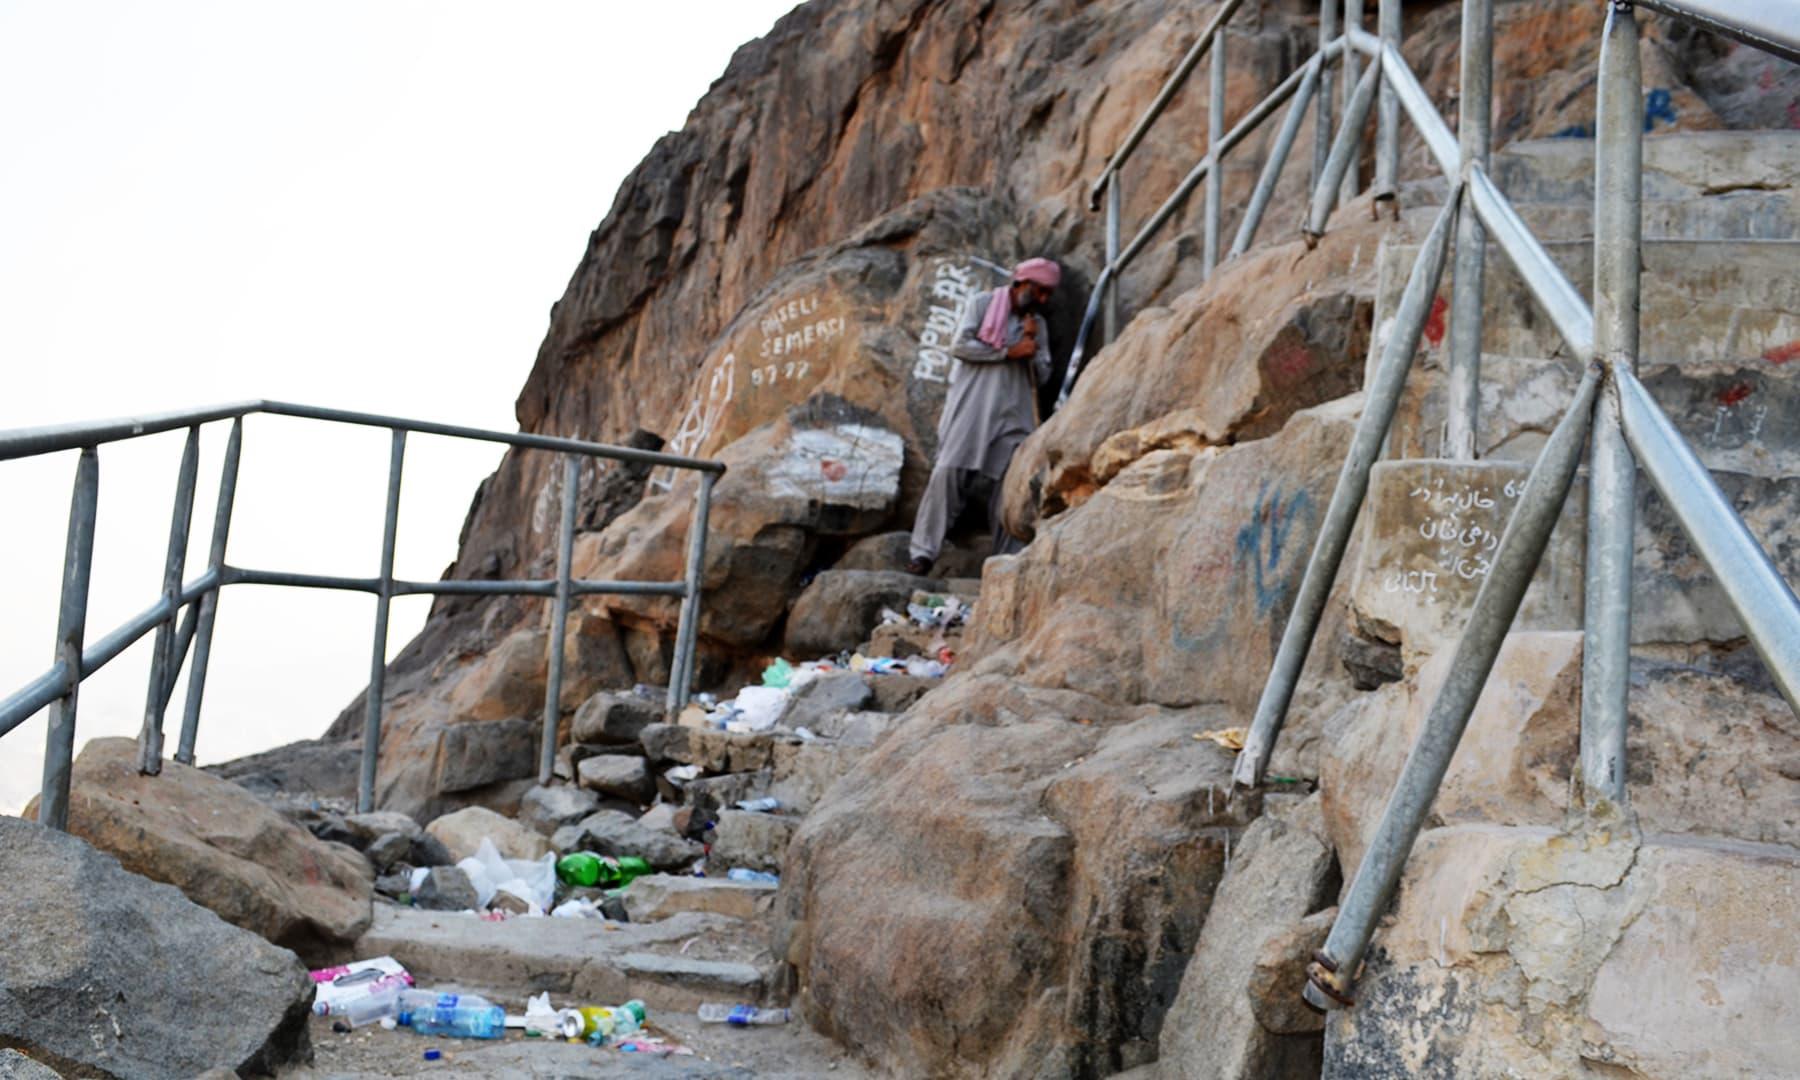 کئی جگہوں پر سیڑھیاں بہت تنگ ہیں— فوٹو رمضان رفیق